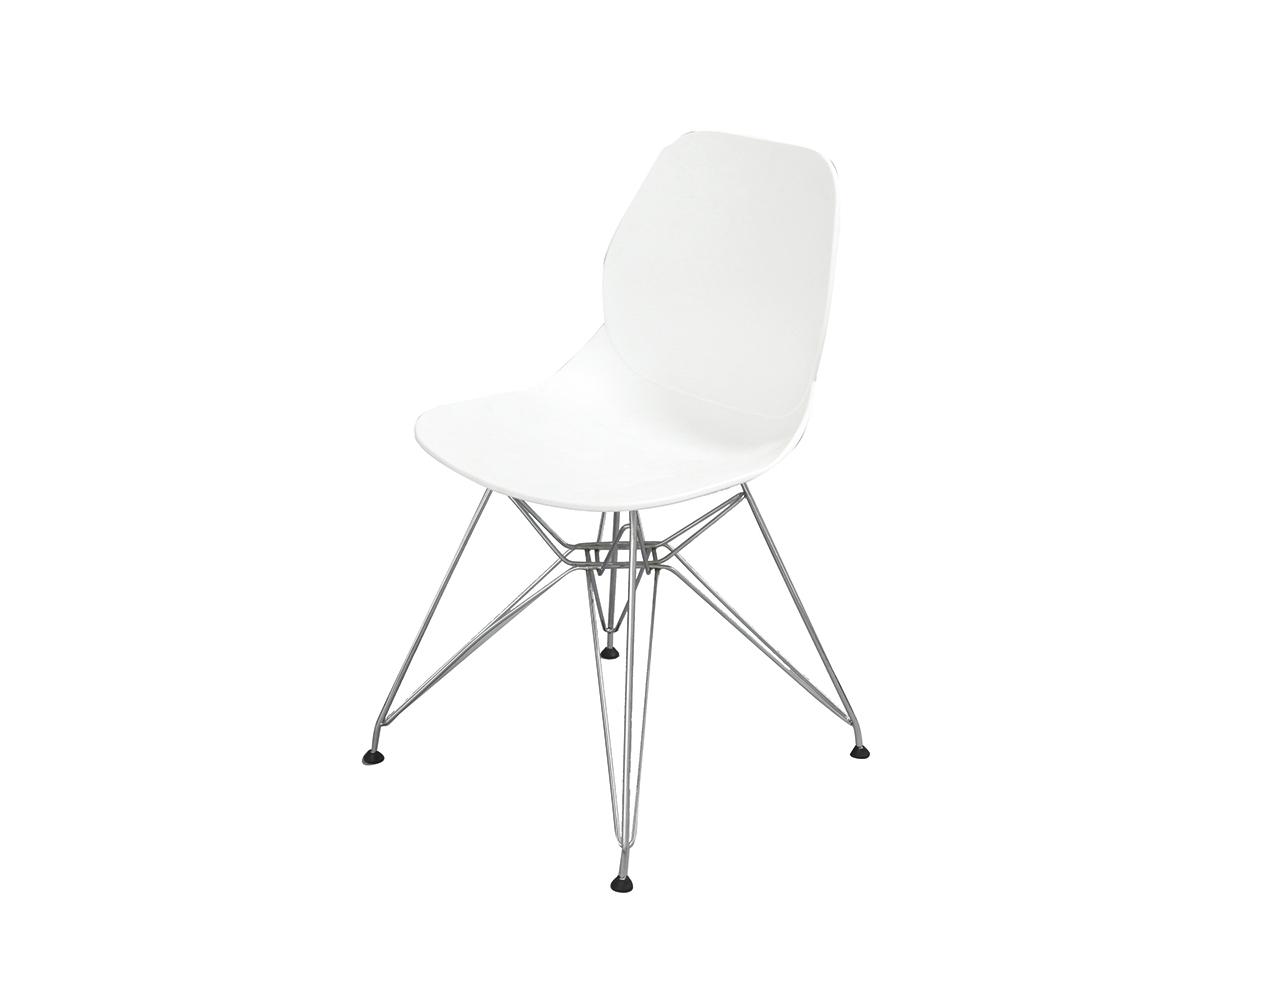 Стул CT-625 белыйОбеденные стулья<br><br><br>Material: Пластик<br>Width см: 48<br>Depth см: 48<br>Height см: 82